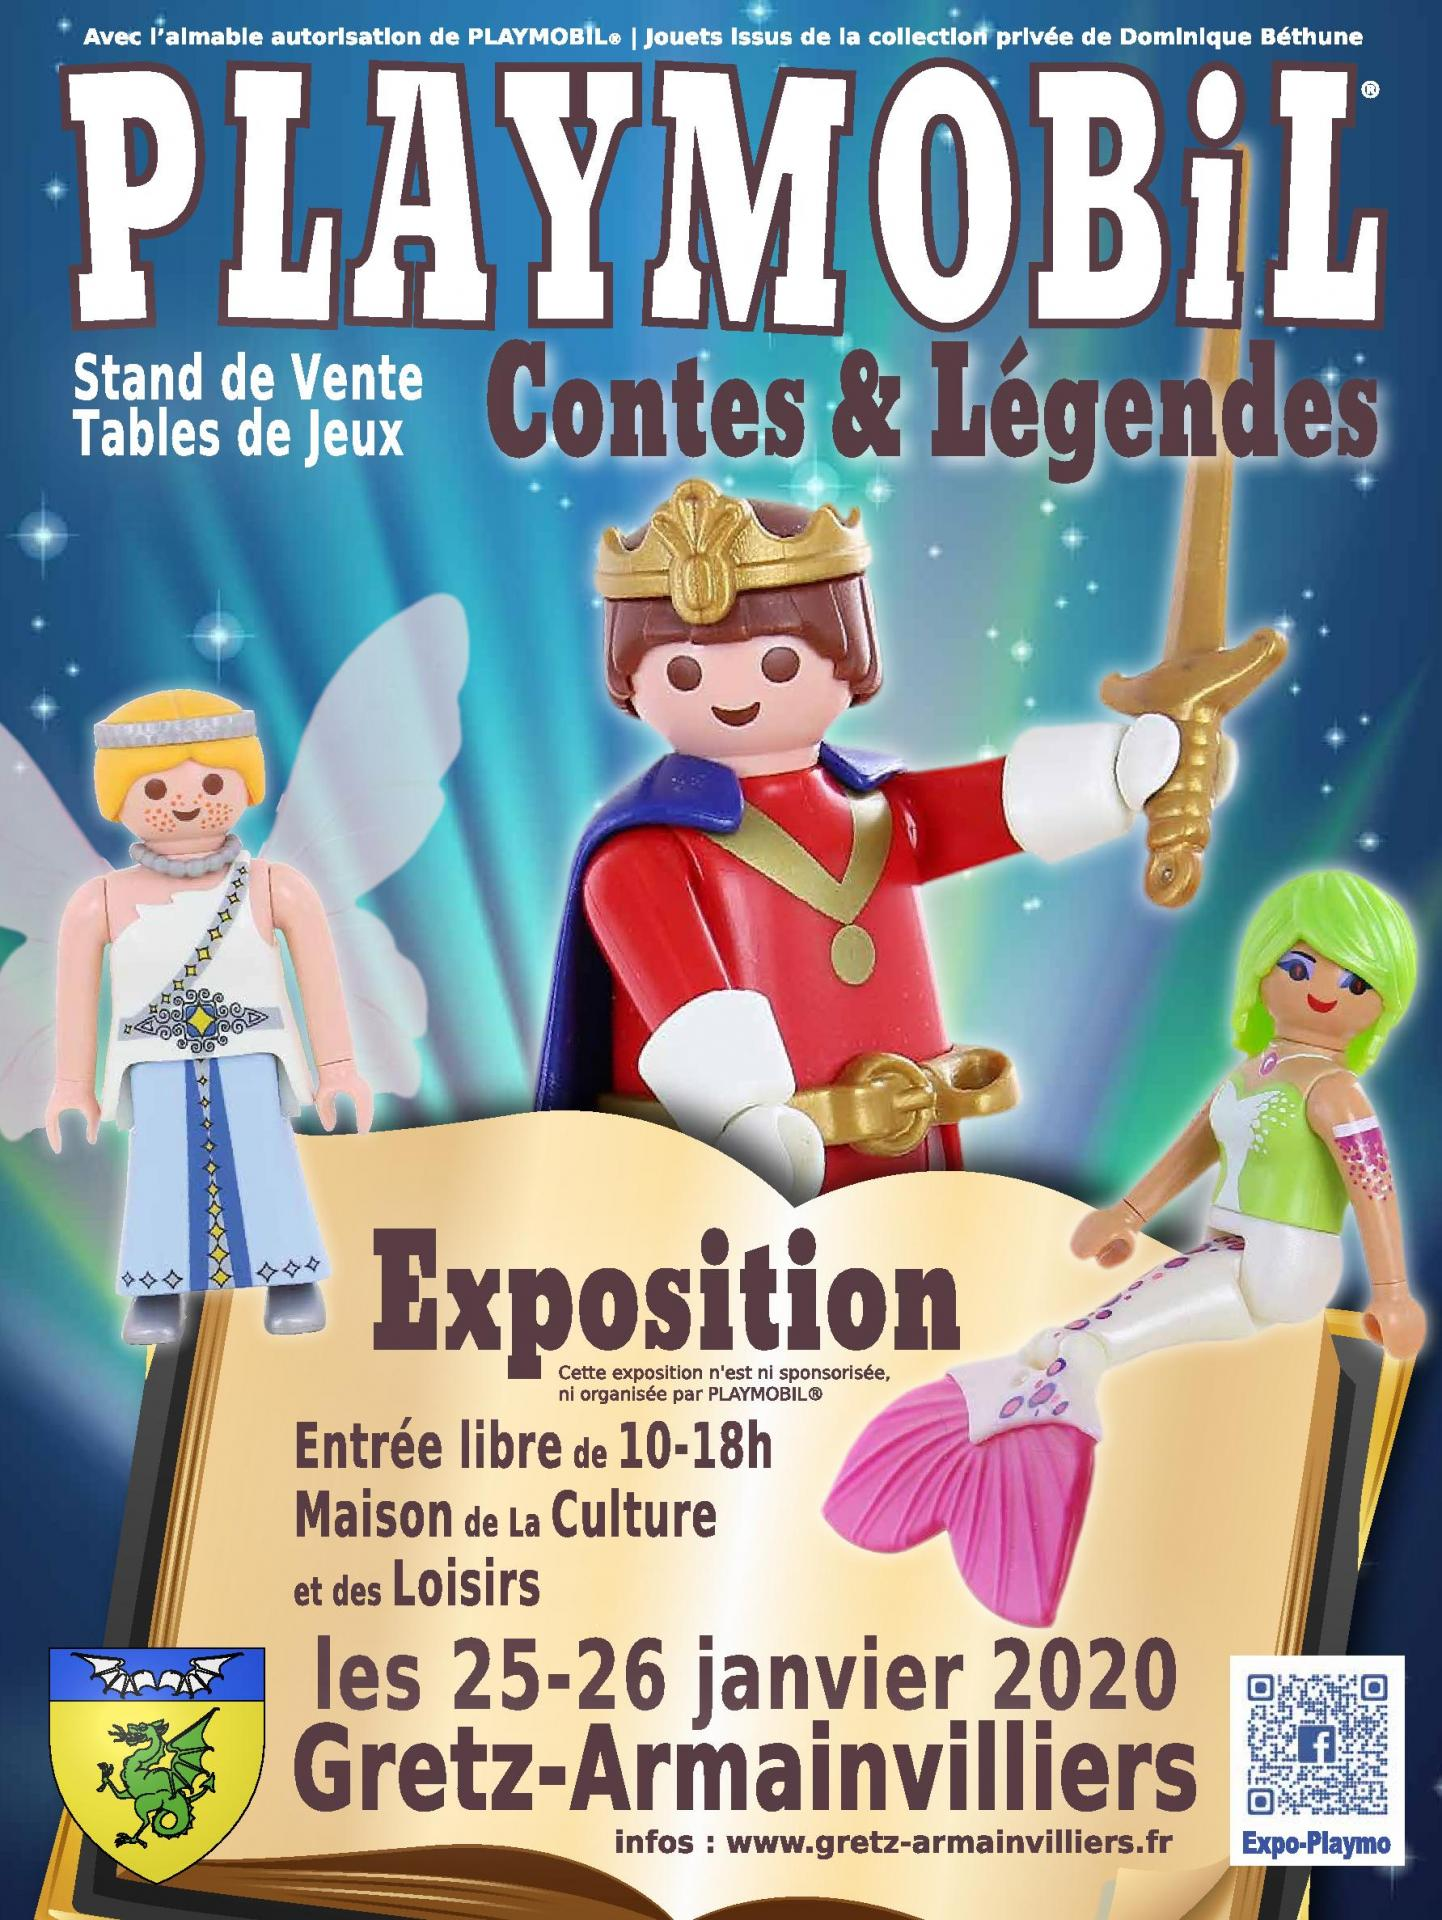 Affiche exposition playmobil gretz armainvilliers 2020 dominique bethune page 001